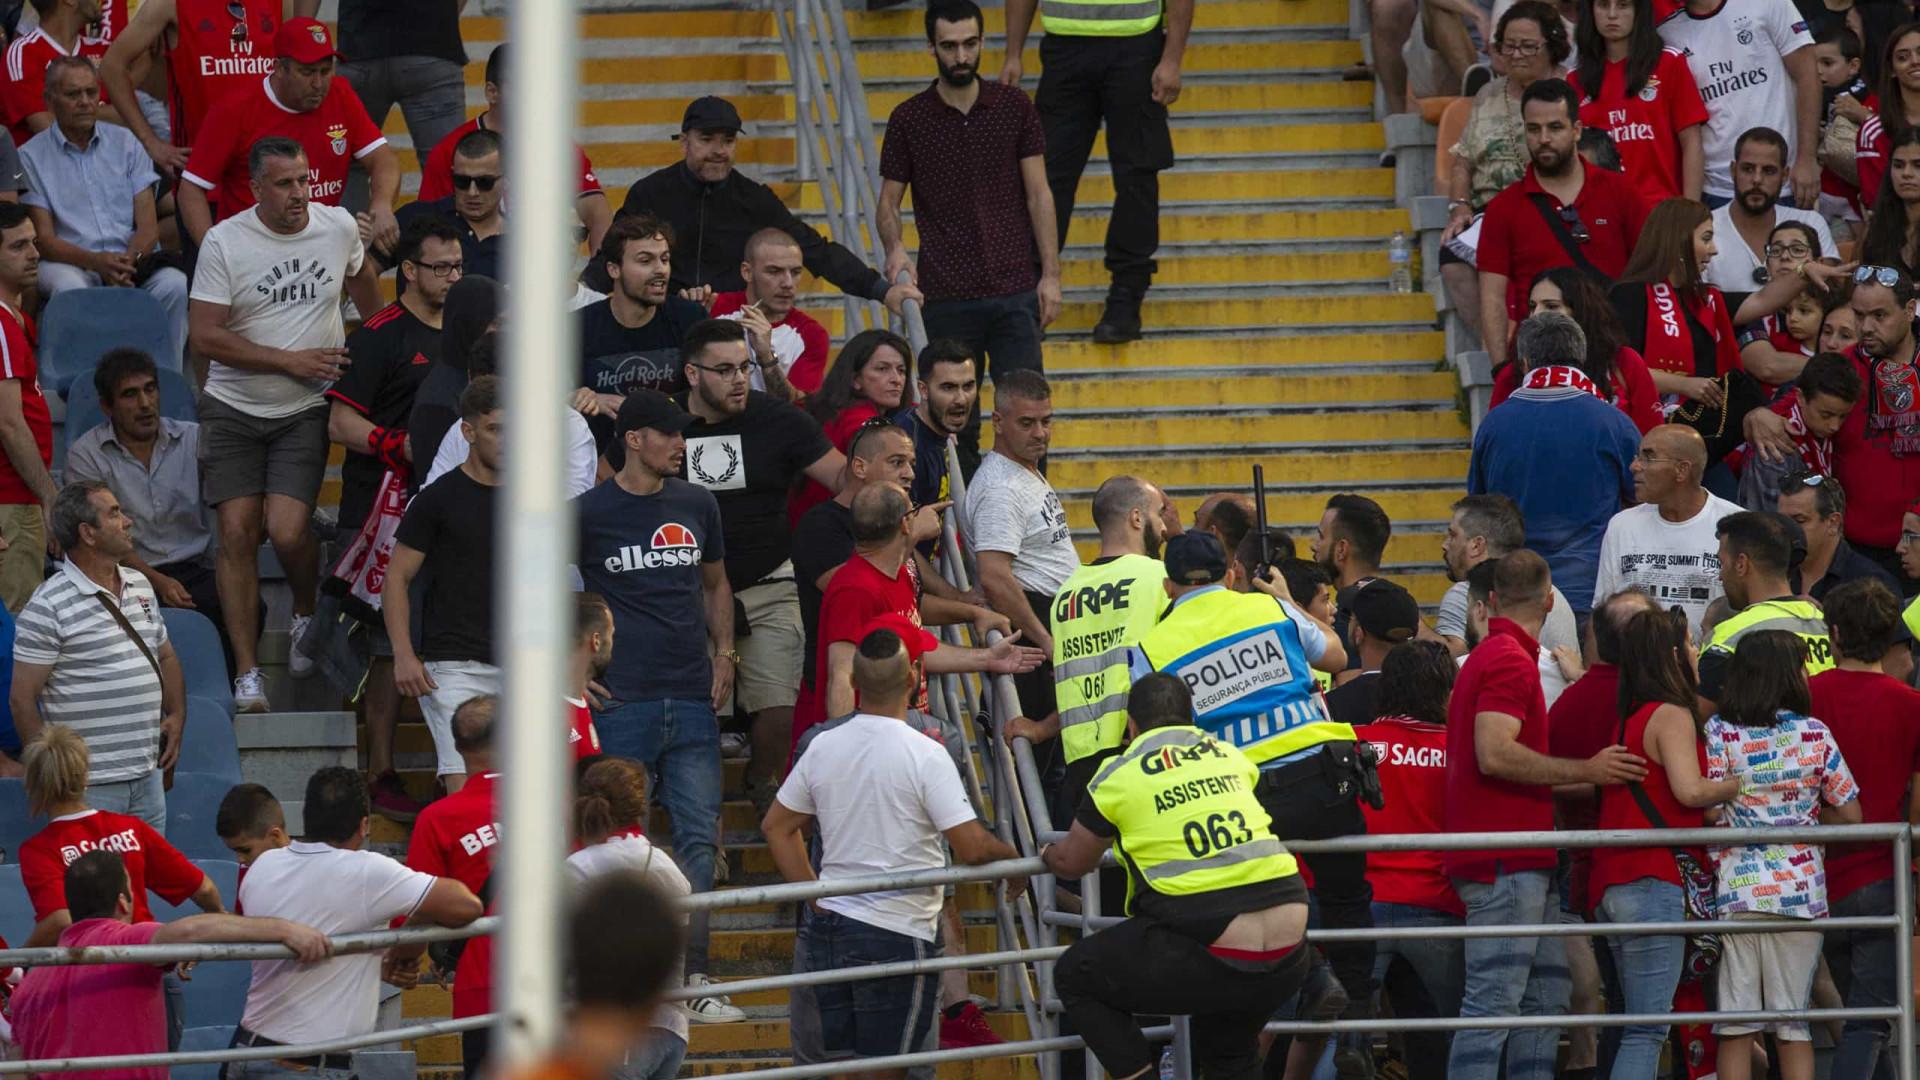 Desacatos em Coimbra: Adepto do Benfica internado com fratura na coluna